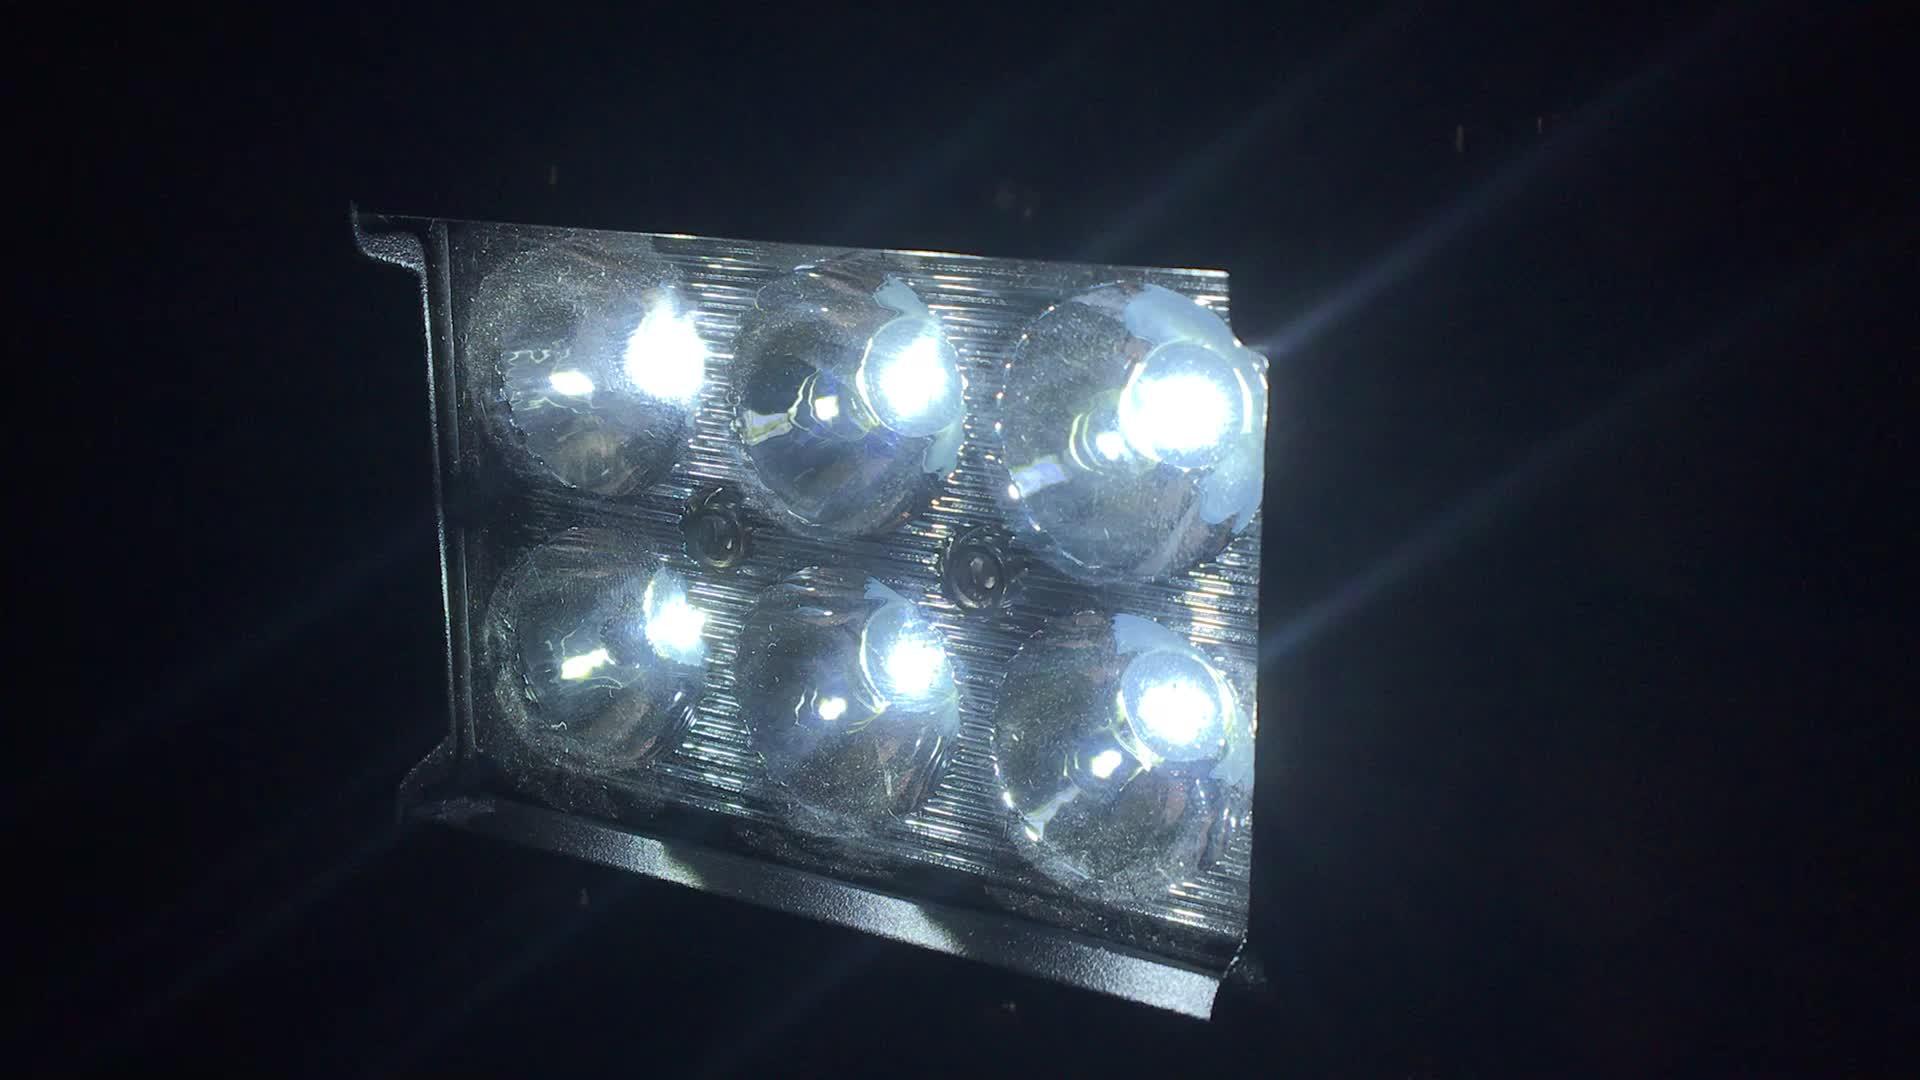 Off-road 4x4 Led-lichtleiste 12 v 24 v LED Auto Licht Marine Zubehör 18 watt FÜHRTE Arbeitslicht